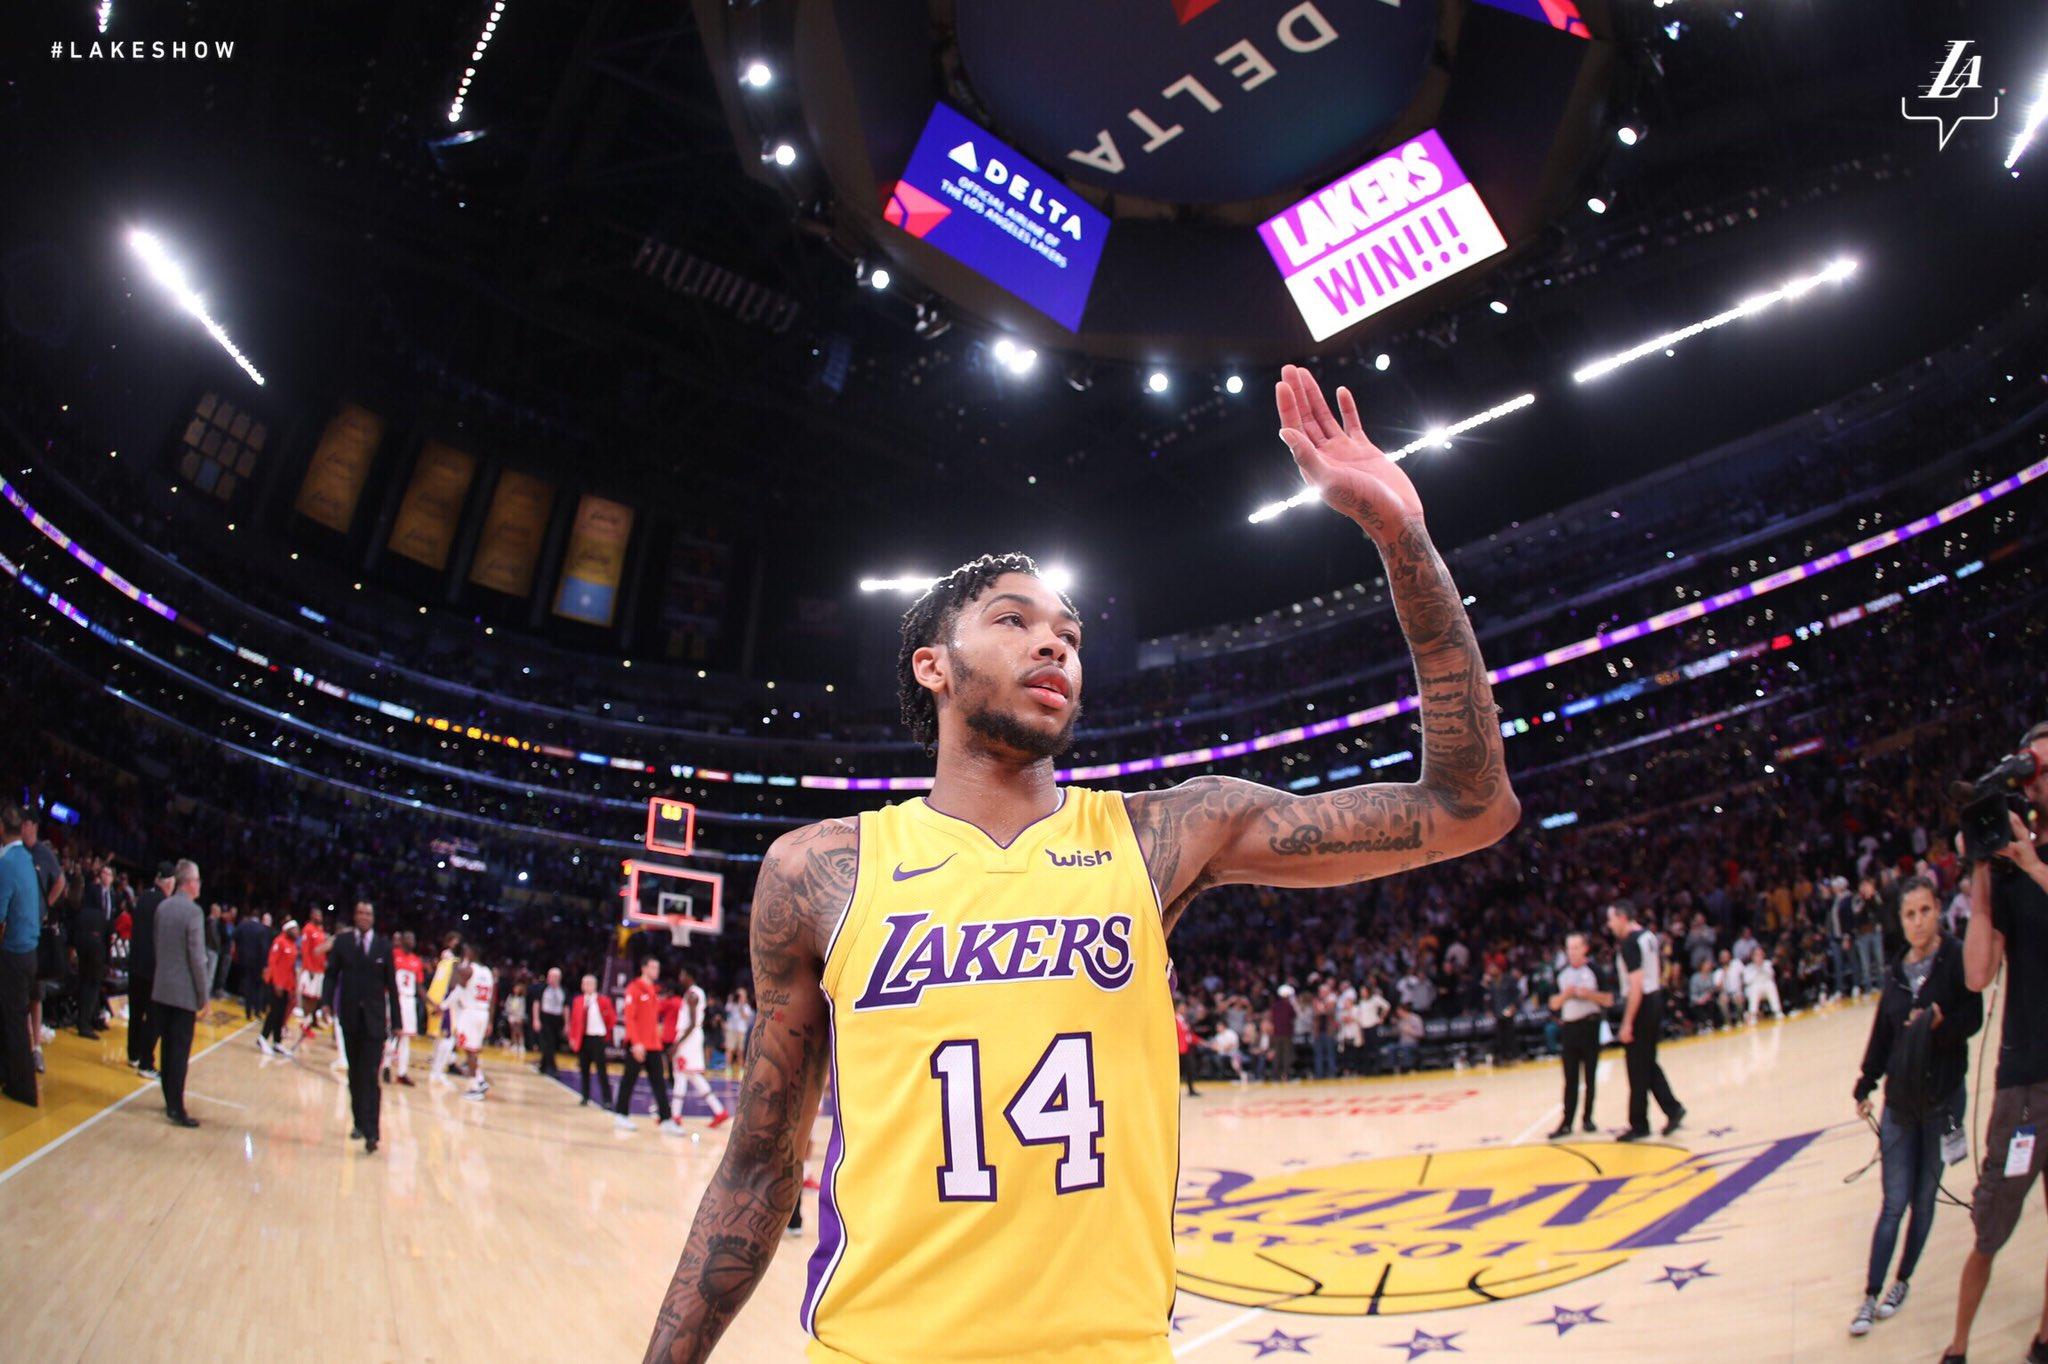 RT @Lakers: Like the board says: #LakersWin https://t.co/Mg9pxPI1EM